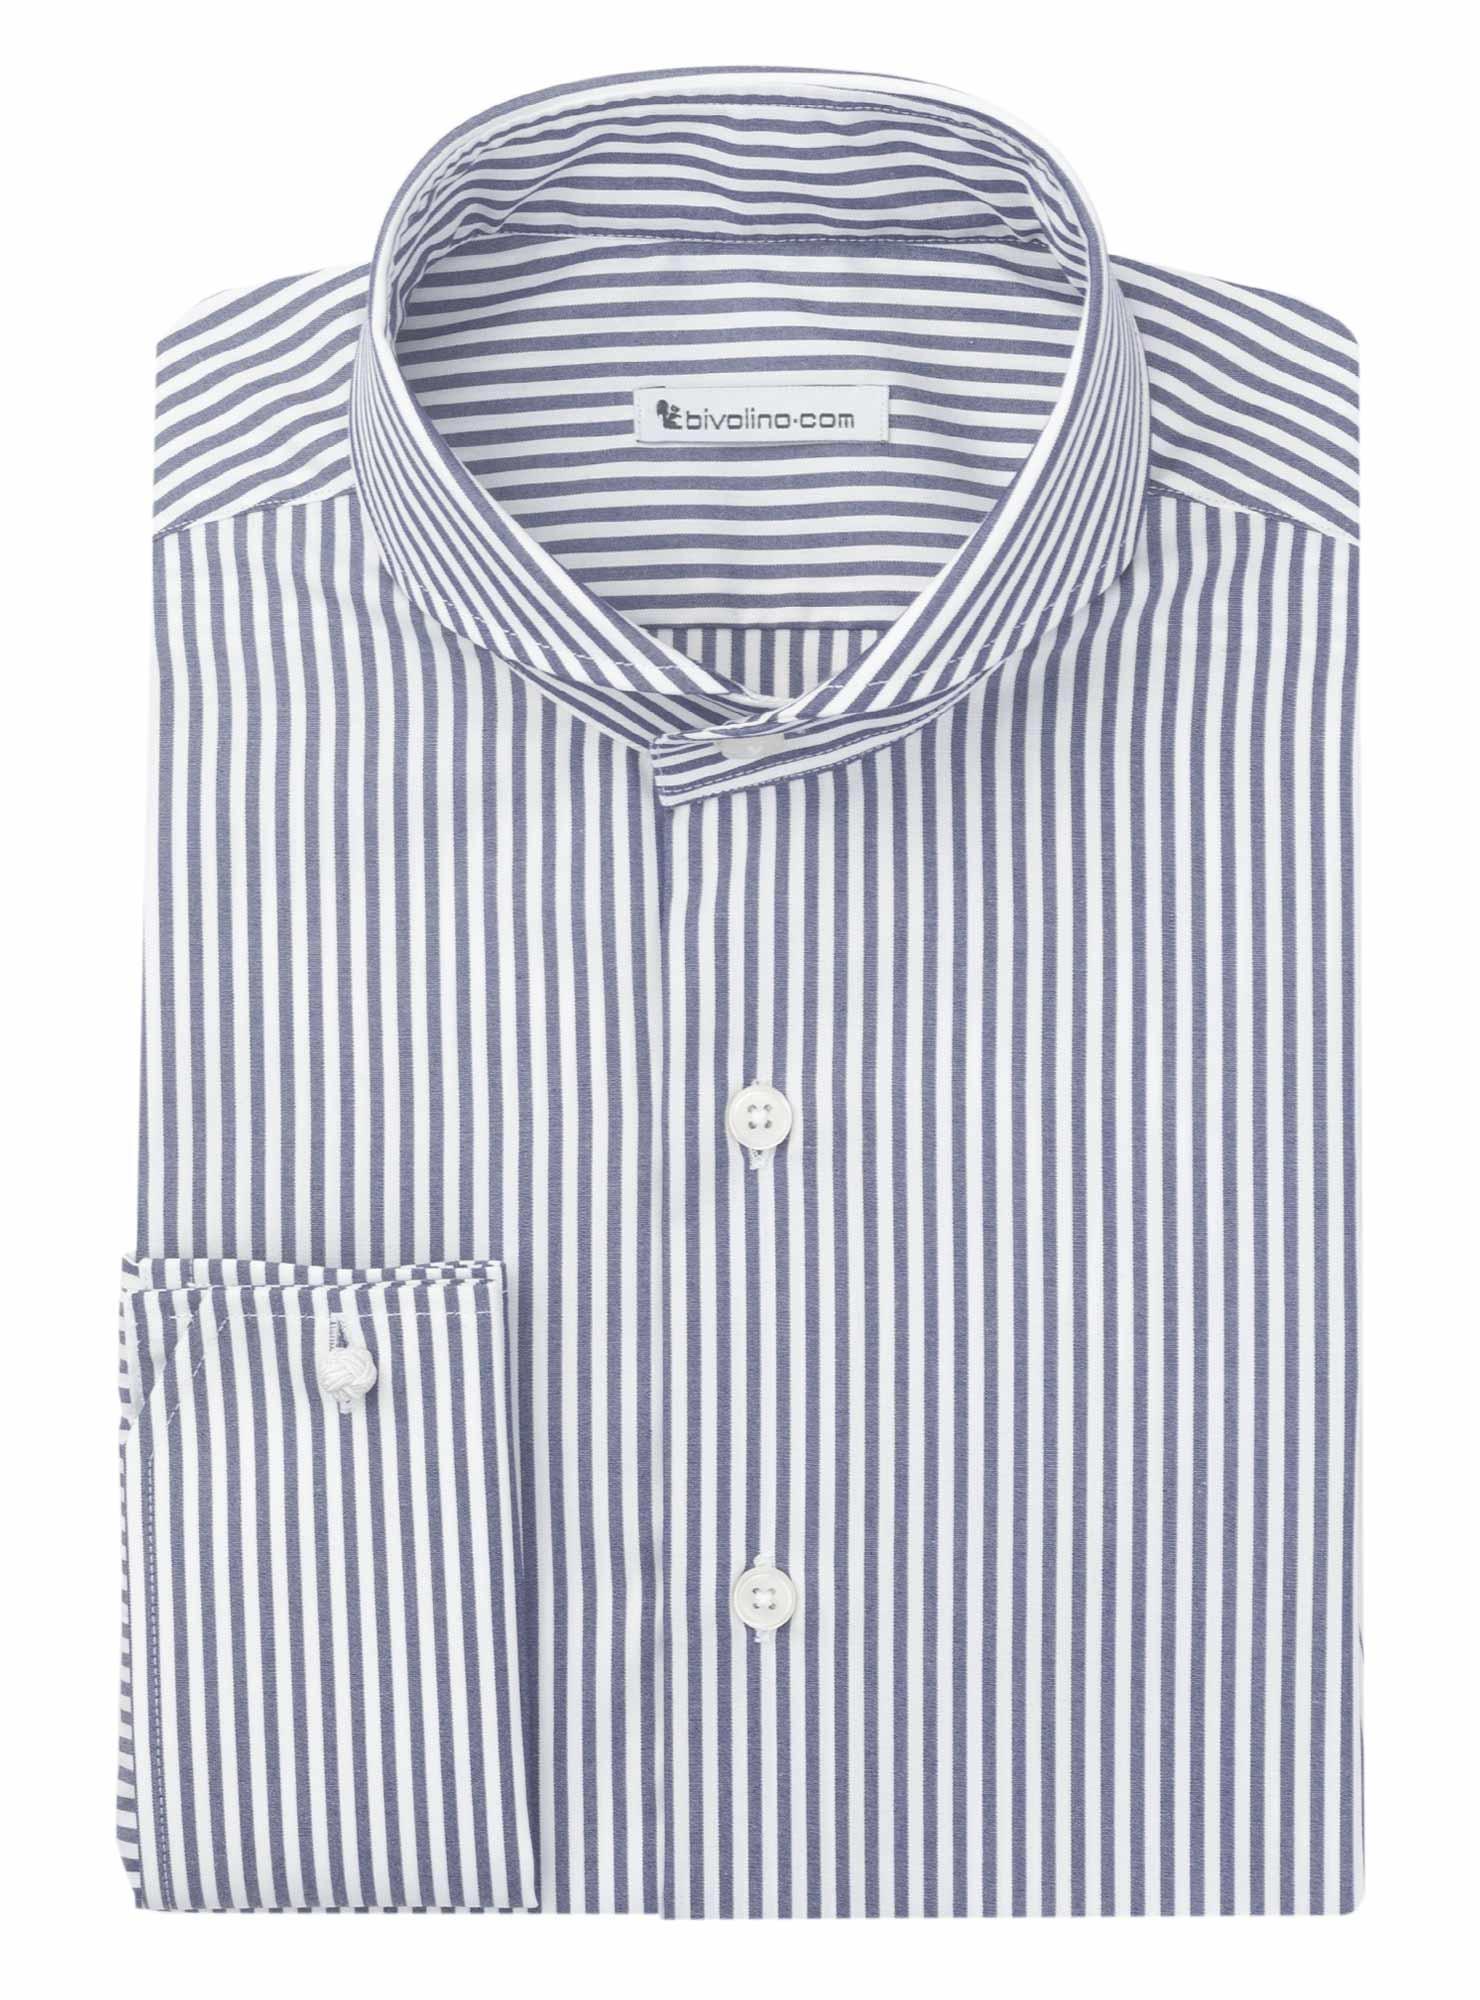 COURMAYEUR - camicia da uomo in popeline rigato navy di facile manutenzione - RIVO 2